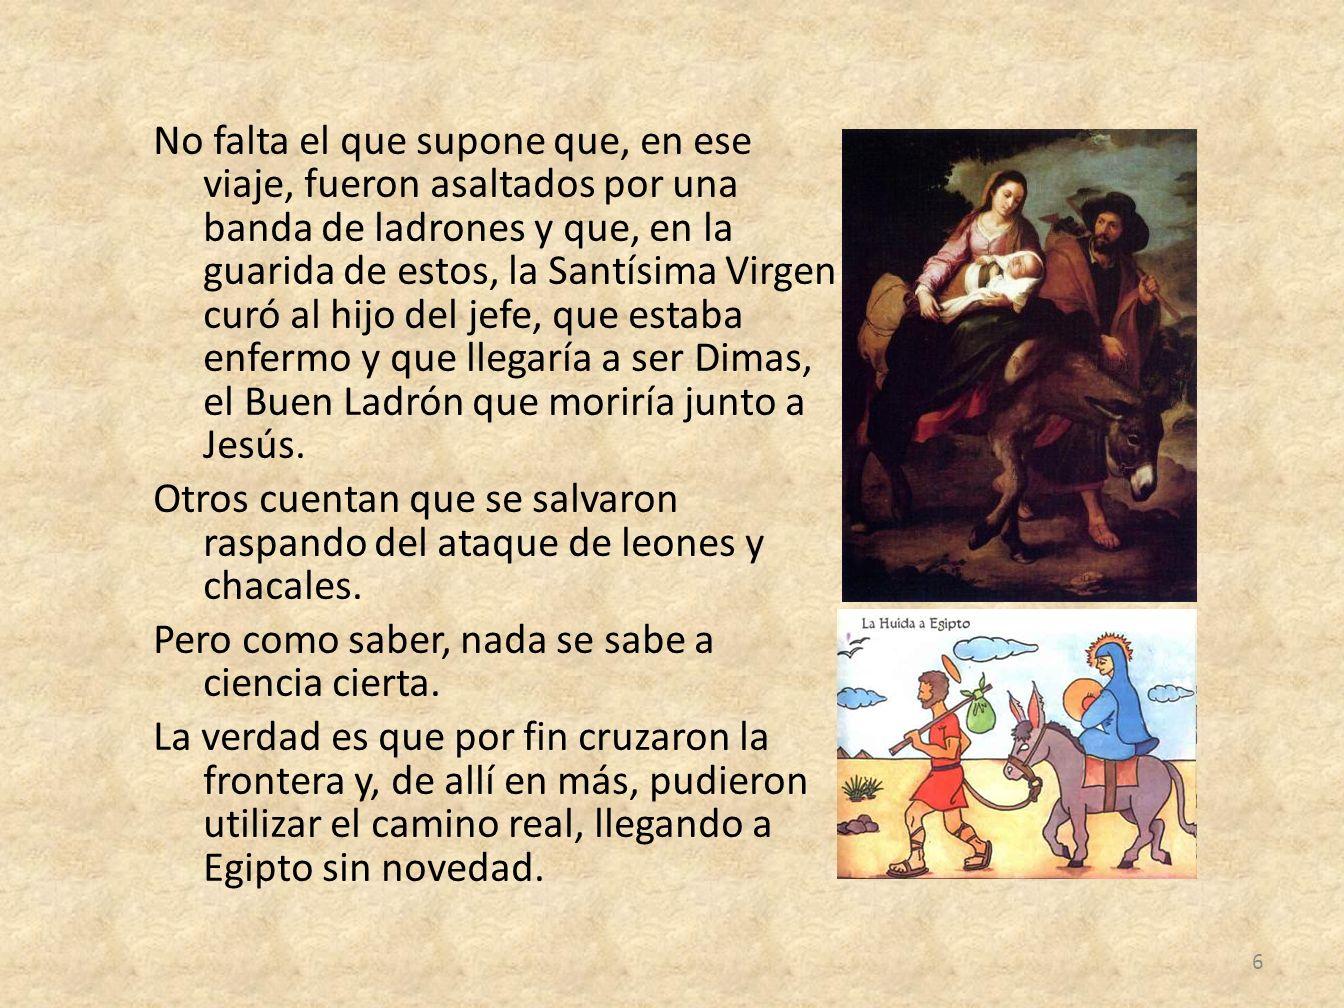 No falta el que supone que, en ese viaje, fueron asaltados por una banda de ladrones y que, en la guarida de estos, la Santísima Virgen curó al hijo del jefe, que estaba enfermo y que llegaría a ser Dimas, el Buen Ladrón que moriría junto a Jesús.